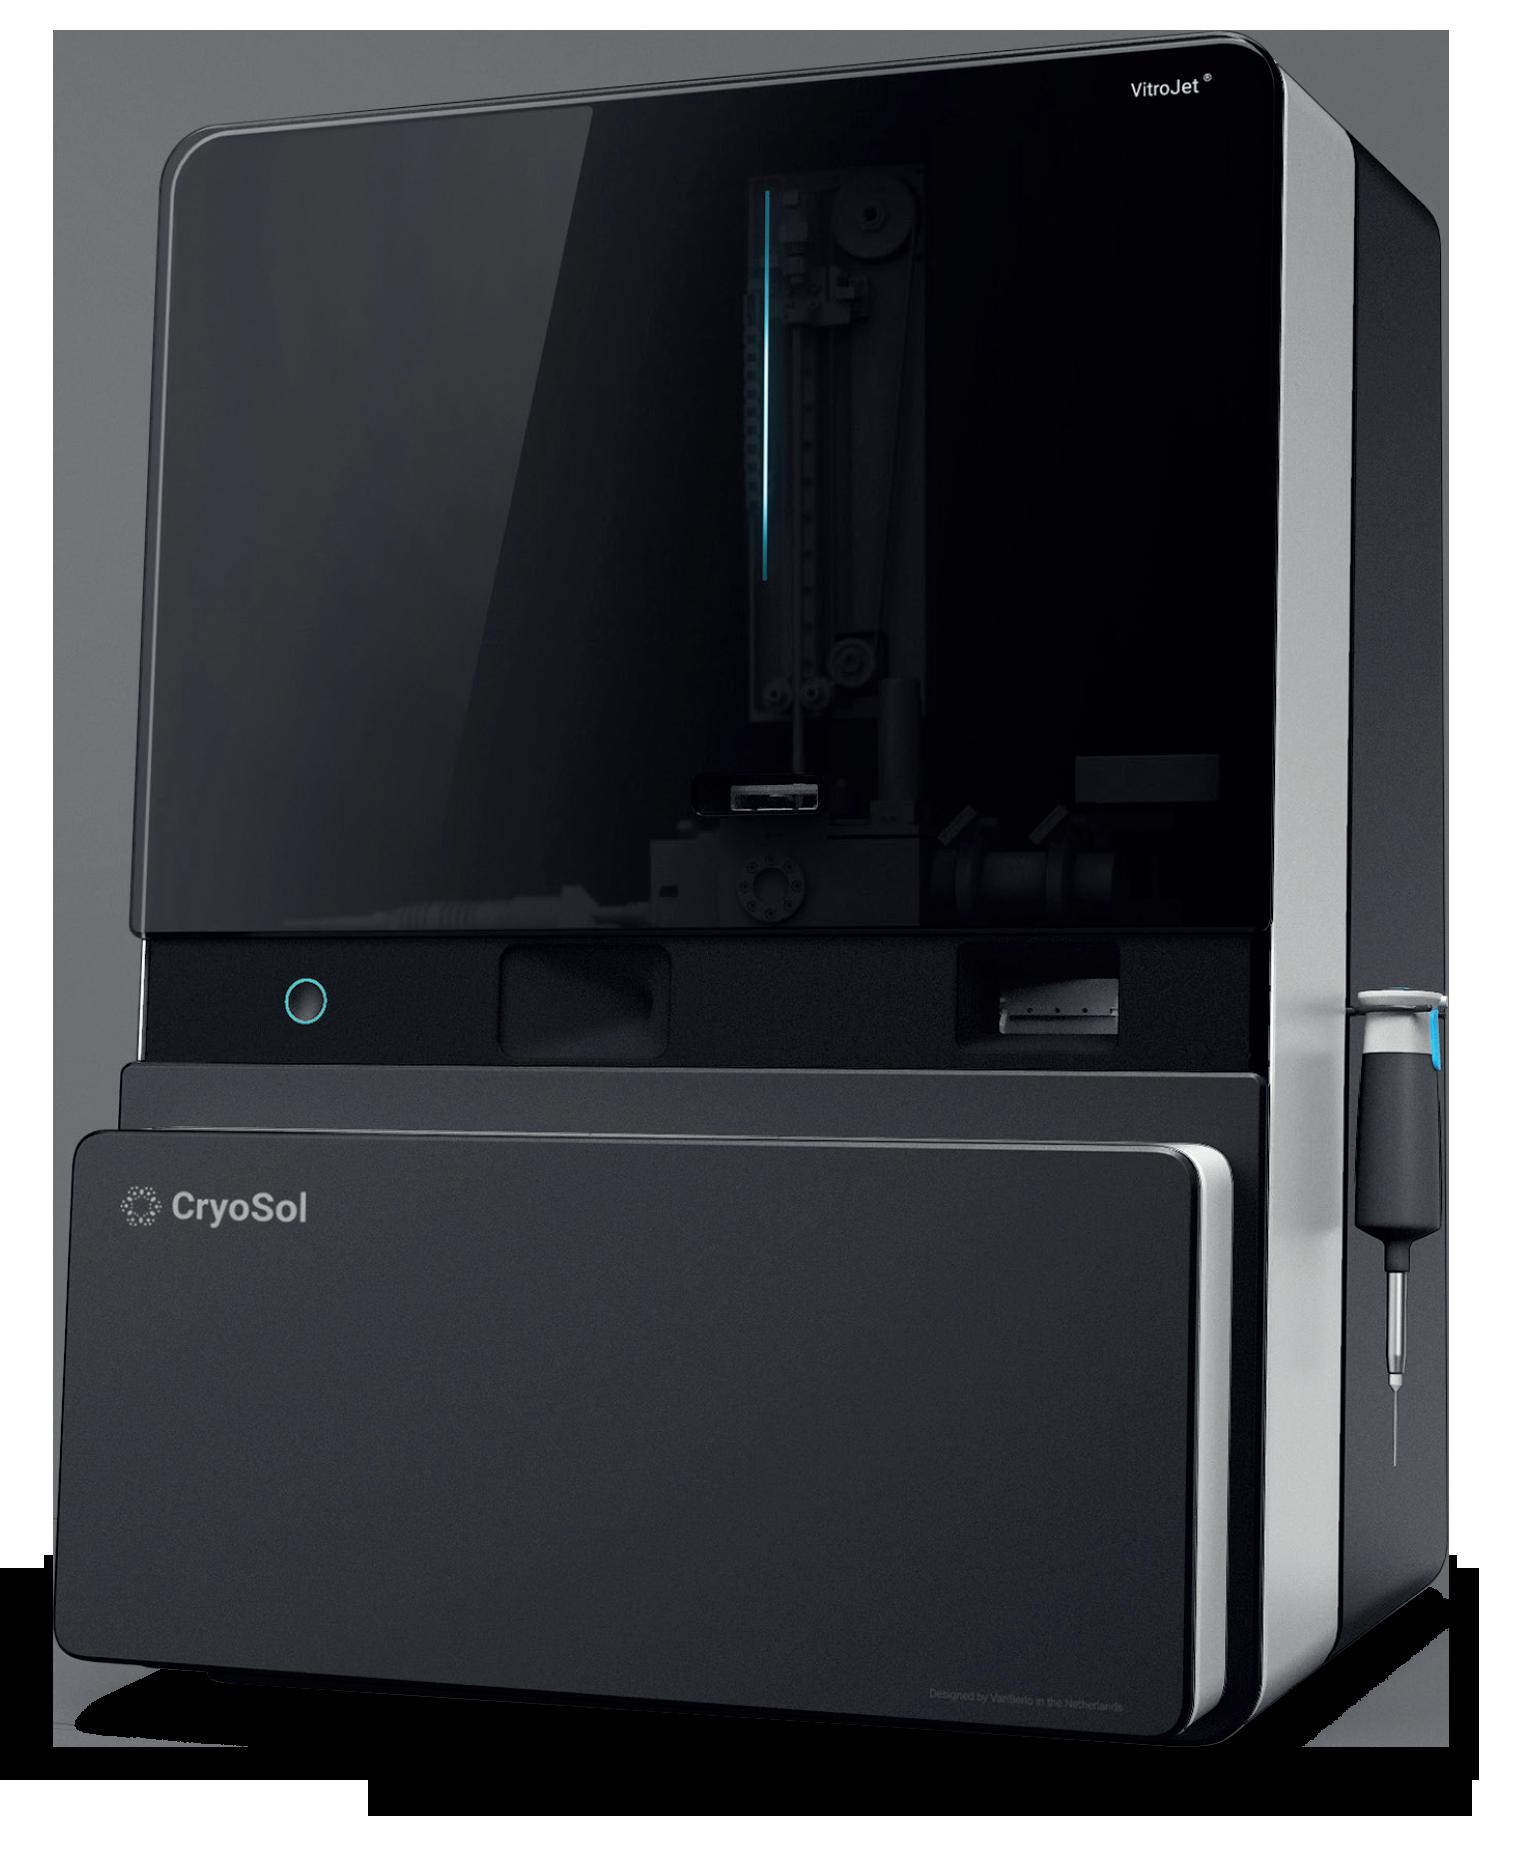 Product Image of CryoSol VitroJet